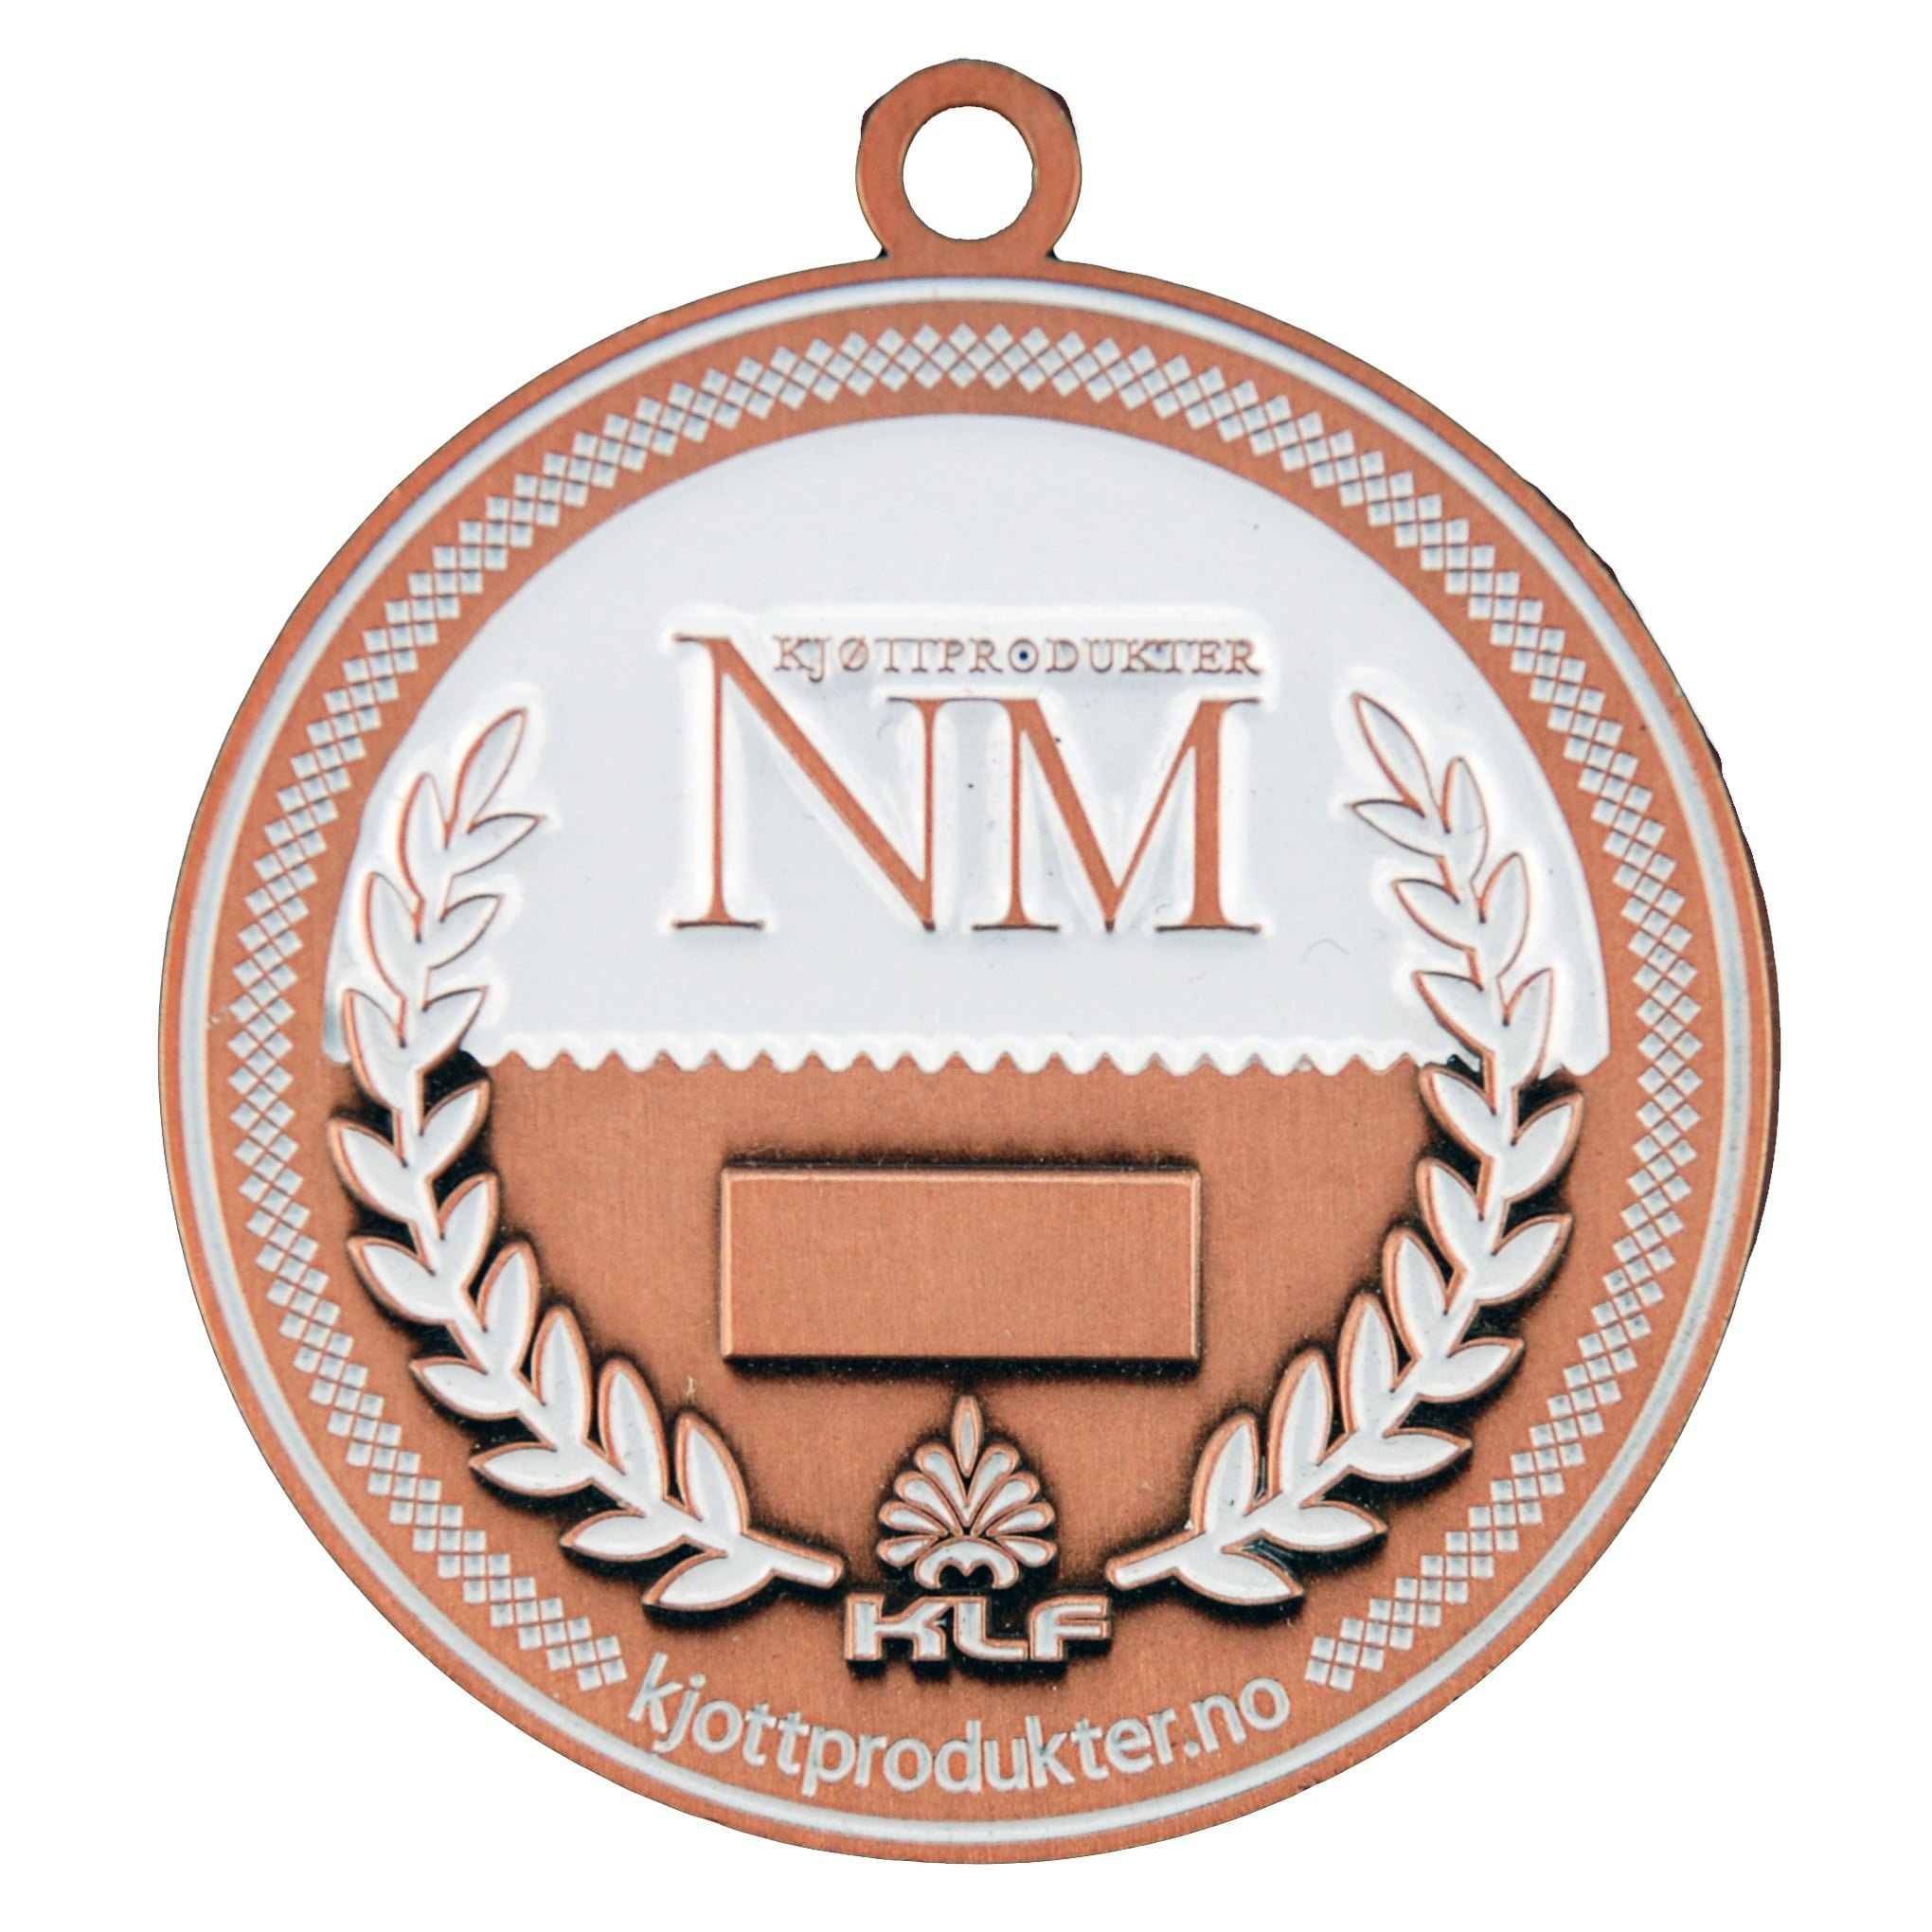 Spesial NM Kjott B - Spesialproduserte medaljer